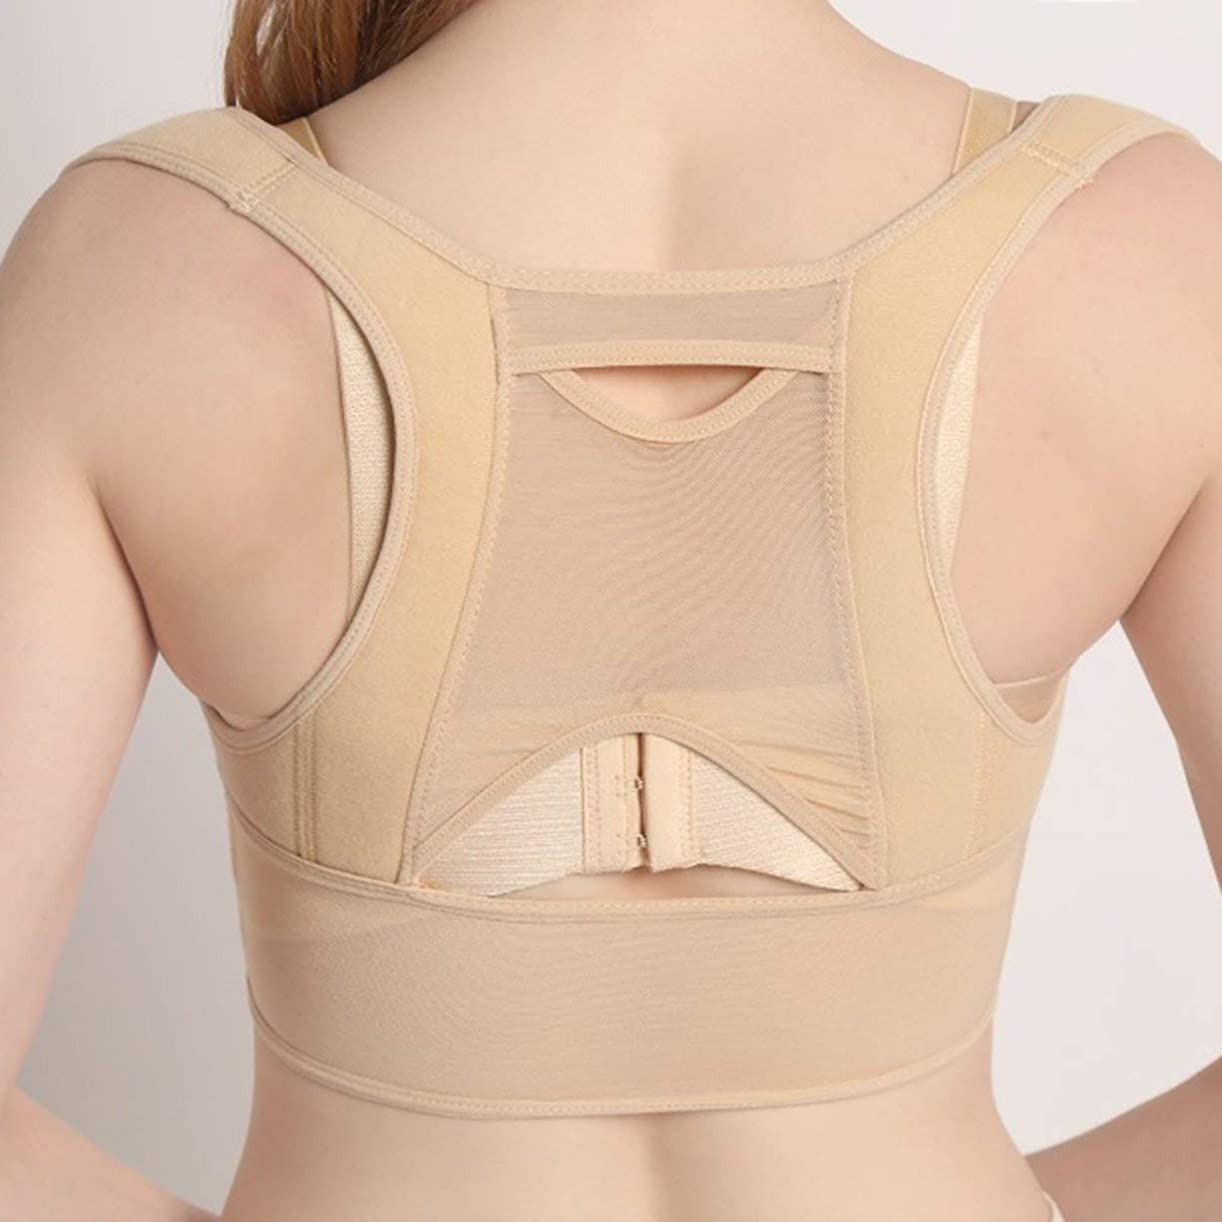 ホイップ迷路どこにも通気性のある女性バック姿勢矯正コルセット整形外科用アッパーバックショルダー脊椎姿勢矯正腰椎サポート - ベージュホワイト